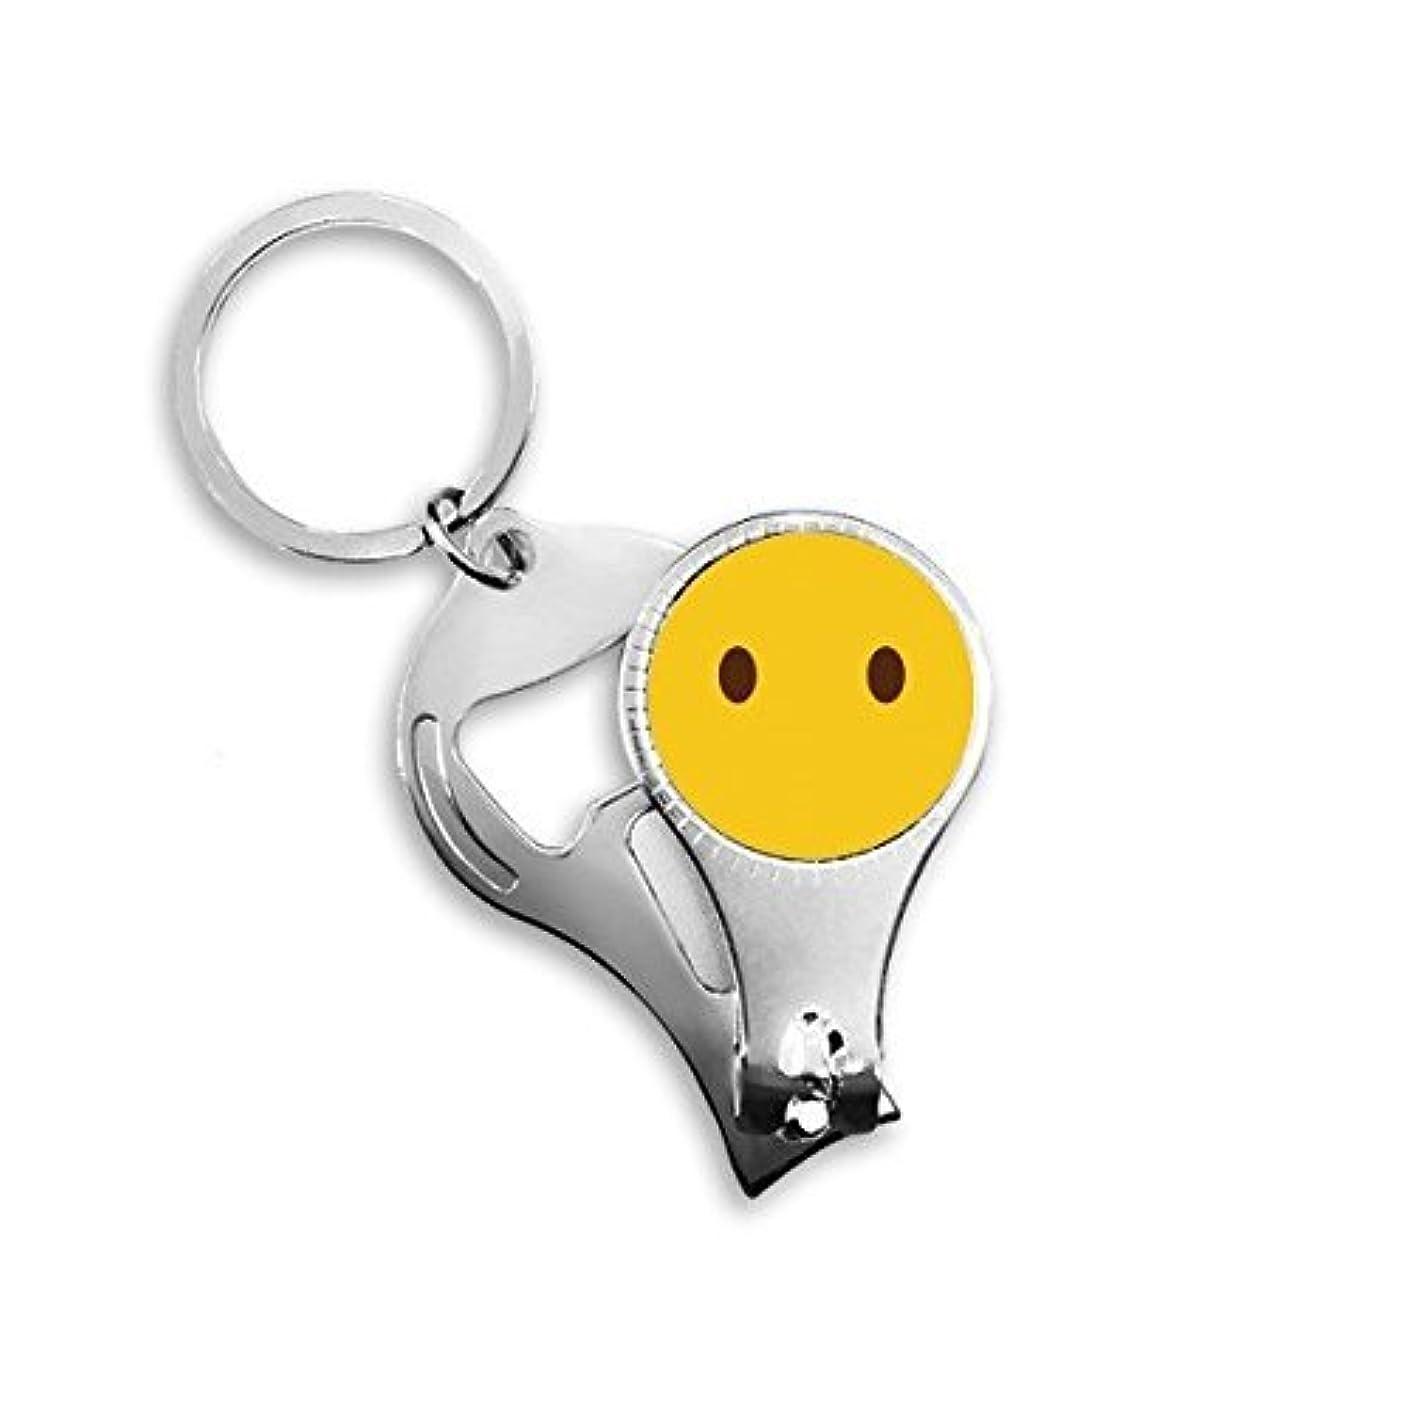 突き出す警報感謝祭PINGFUFF HOME 黄色かわいい素敵なオンラインチャット絵文字イラストパターンメタルキーチェーンリング多機能ネイルクリッパー栓抜き車のキーチェーン最高のチャームギフト